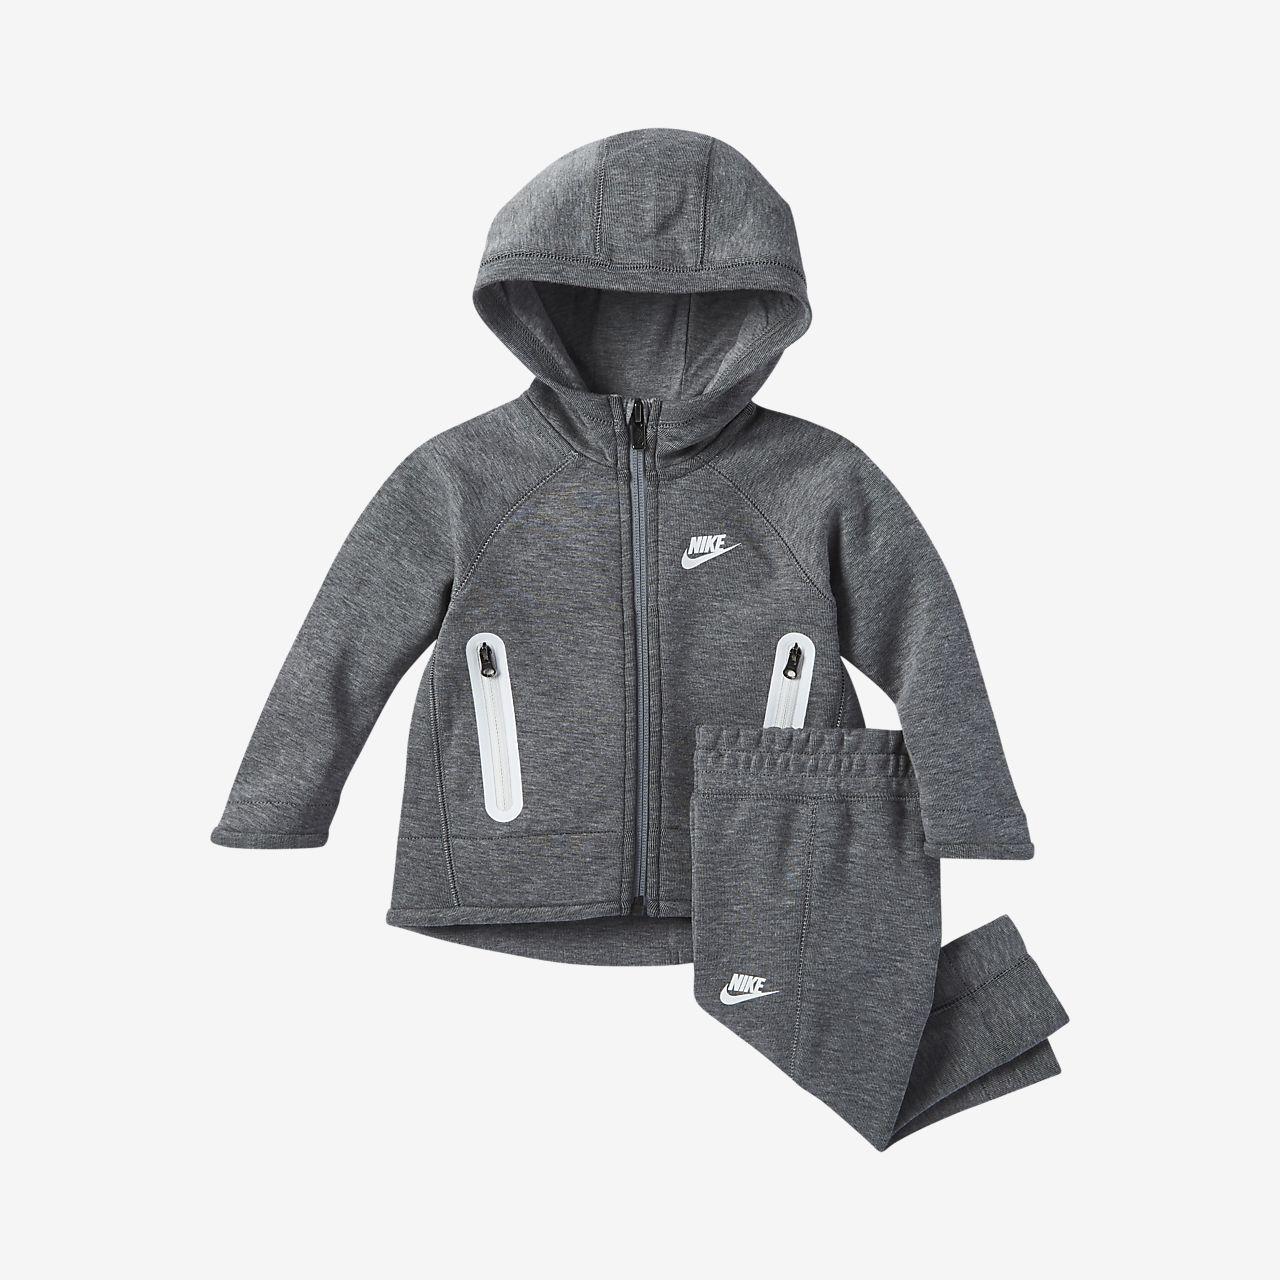 Nike Sportswear Tech Fleece Baby (12–24M) 2-Piece Set